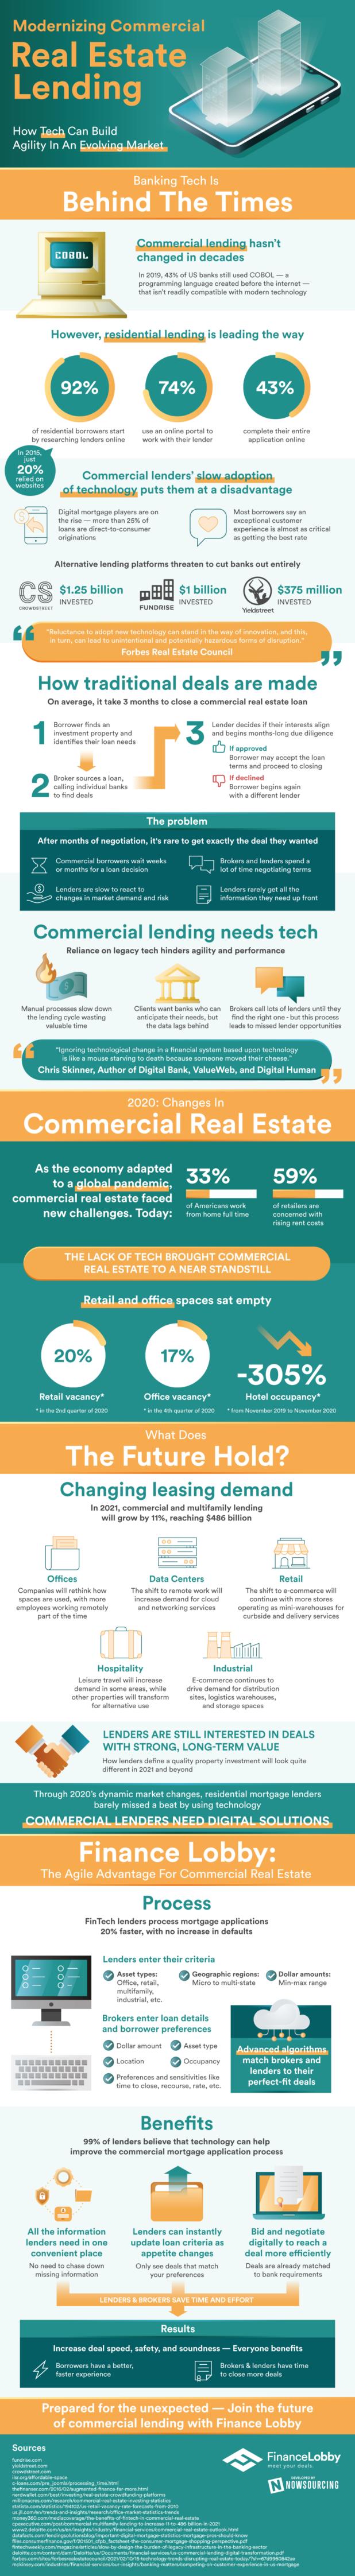 Modernizing Commercial Real Estate Lending